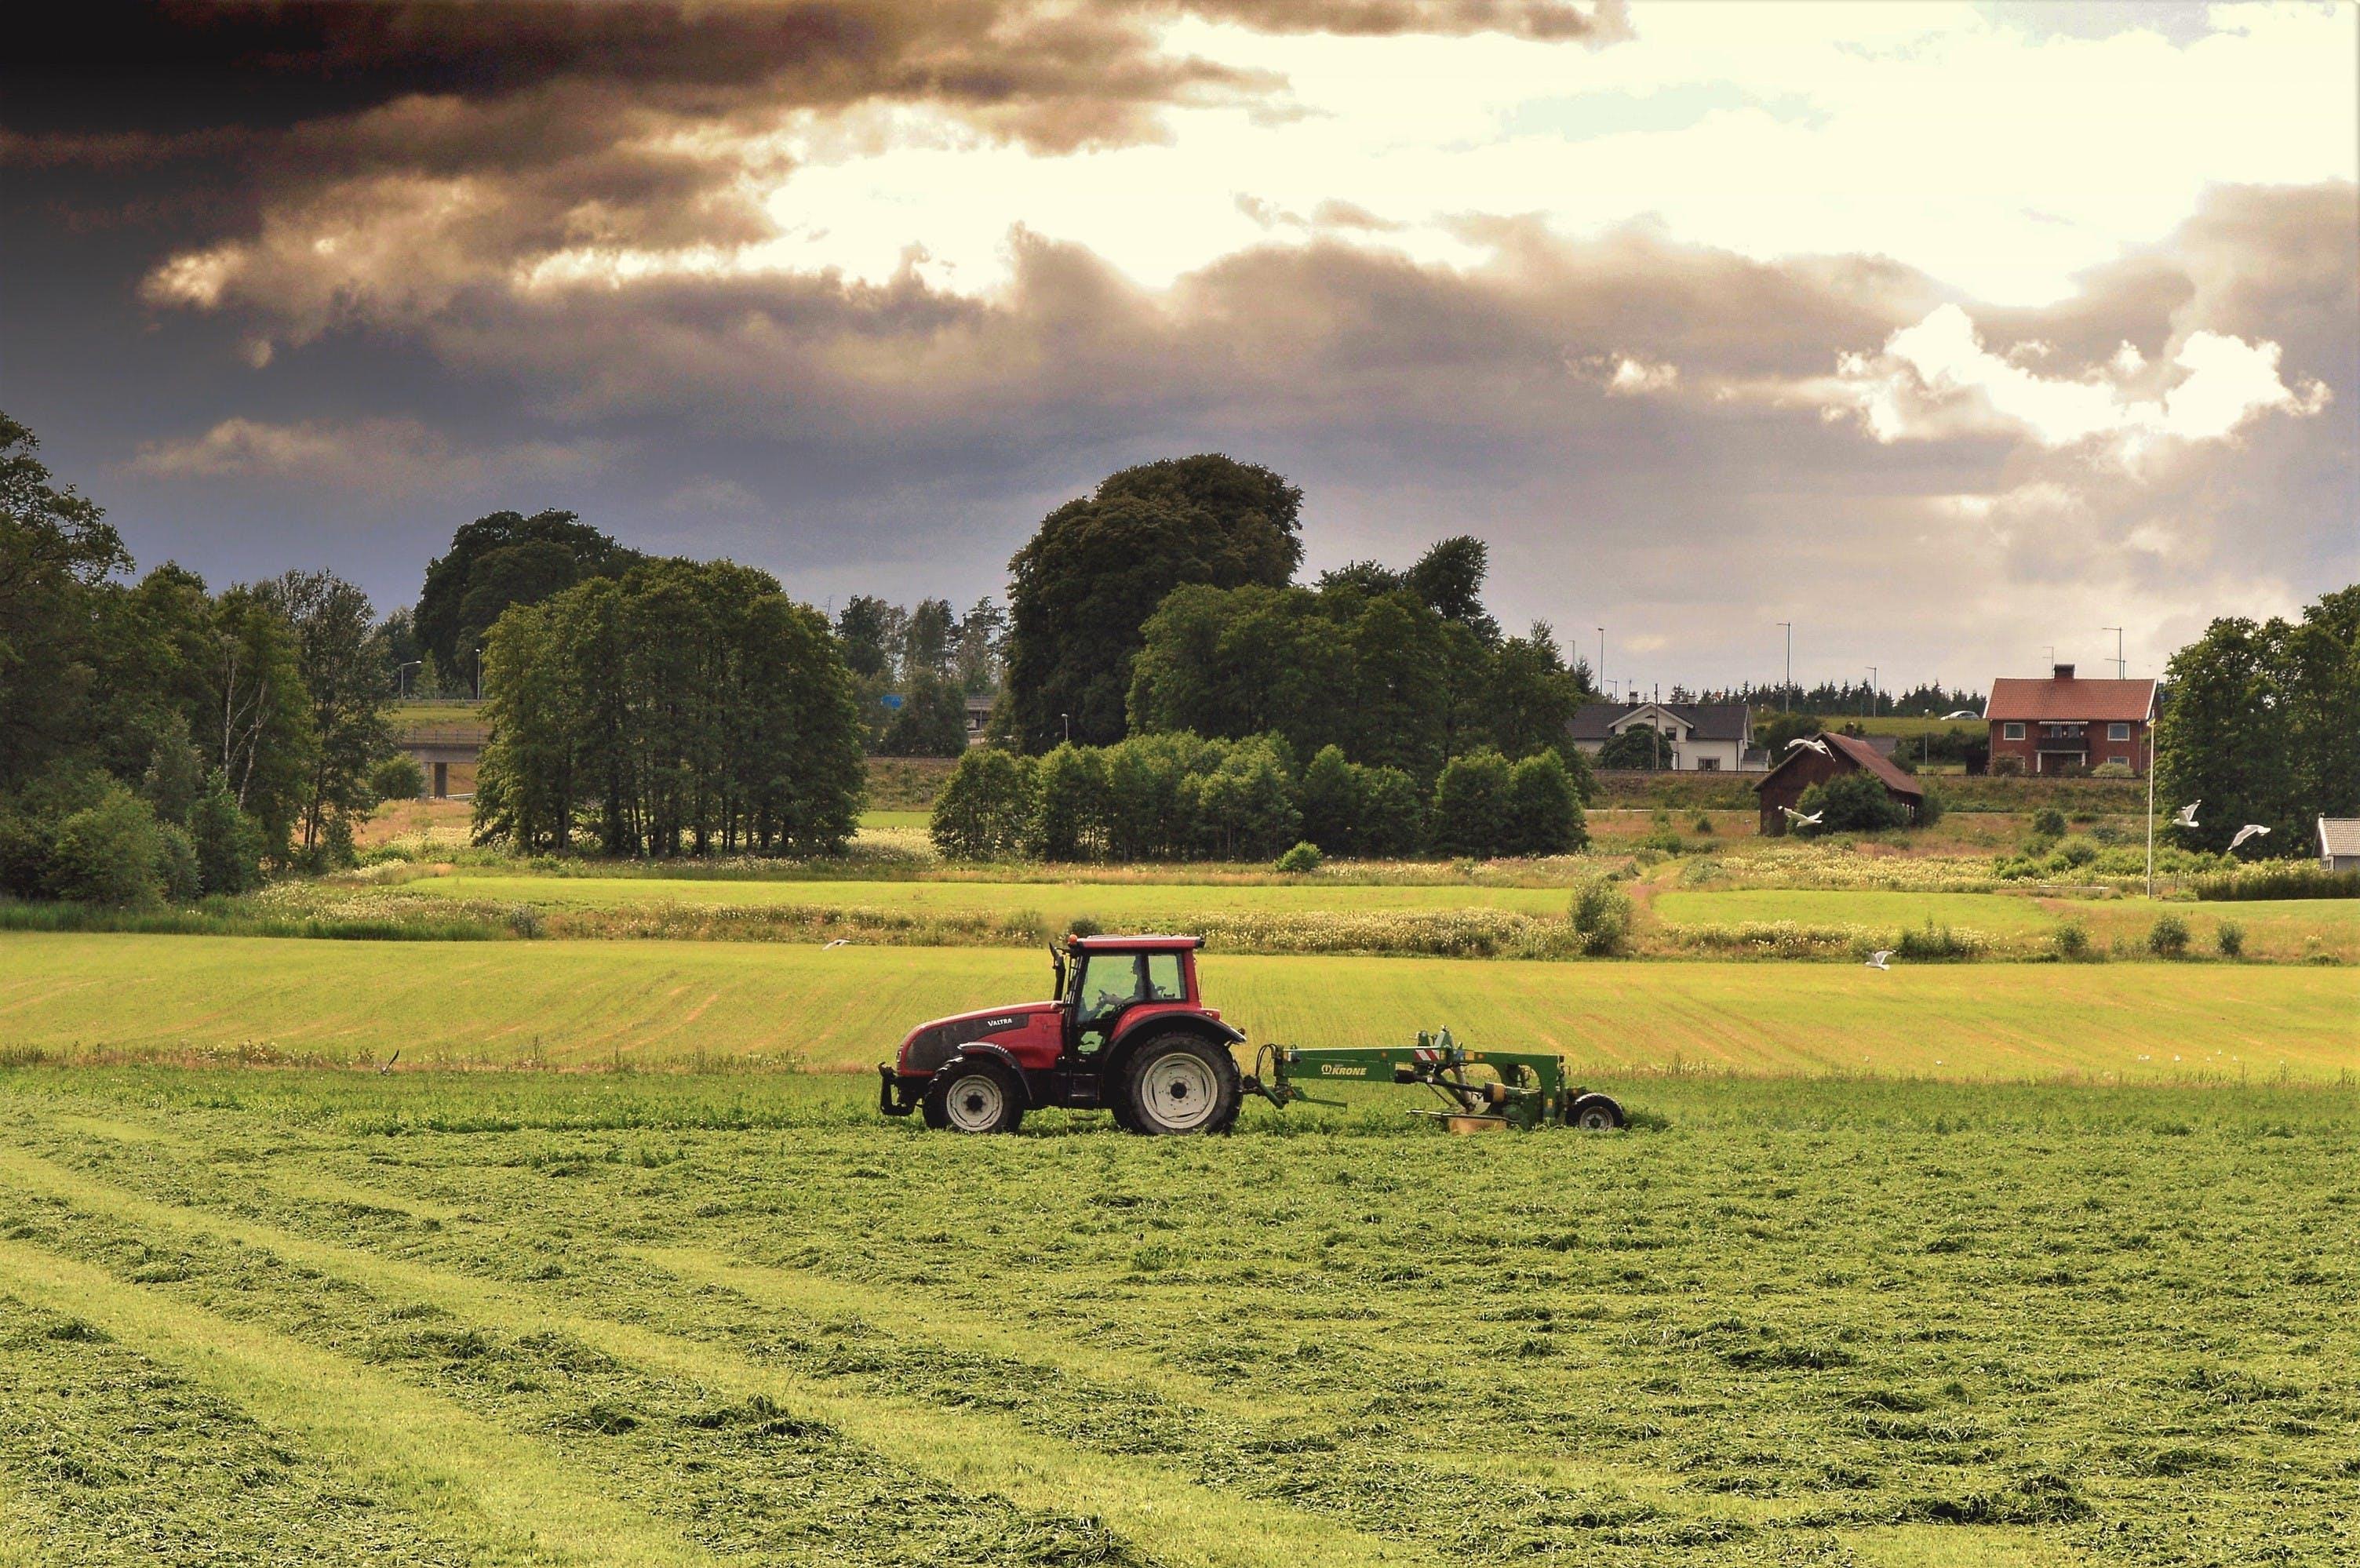 スウェーデン, トラクター, ファーム, フィールドの無料の写真素材